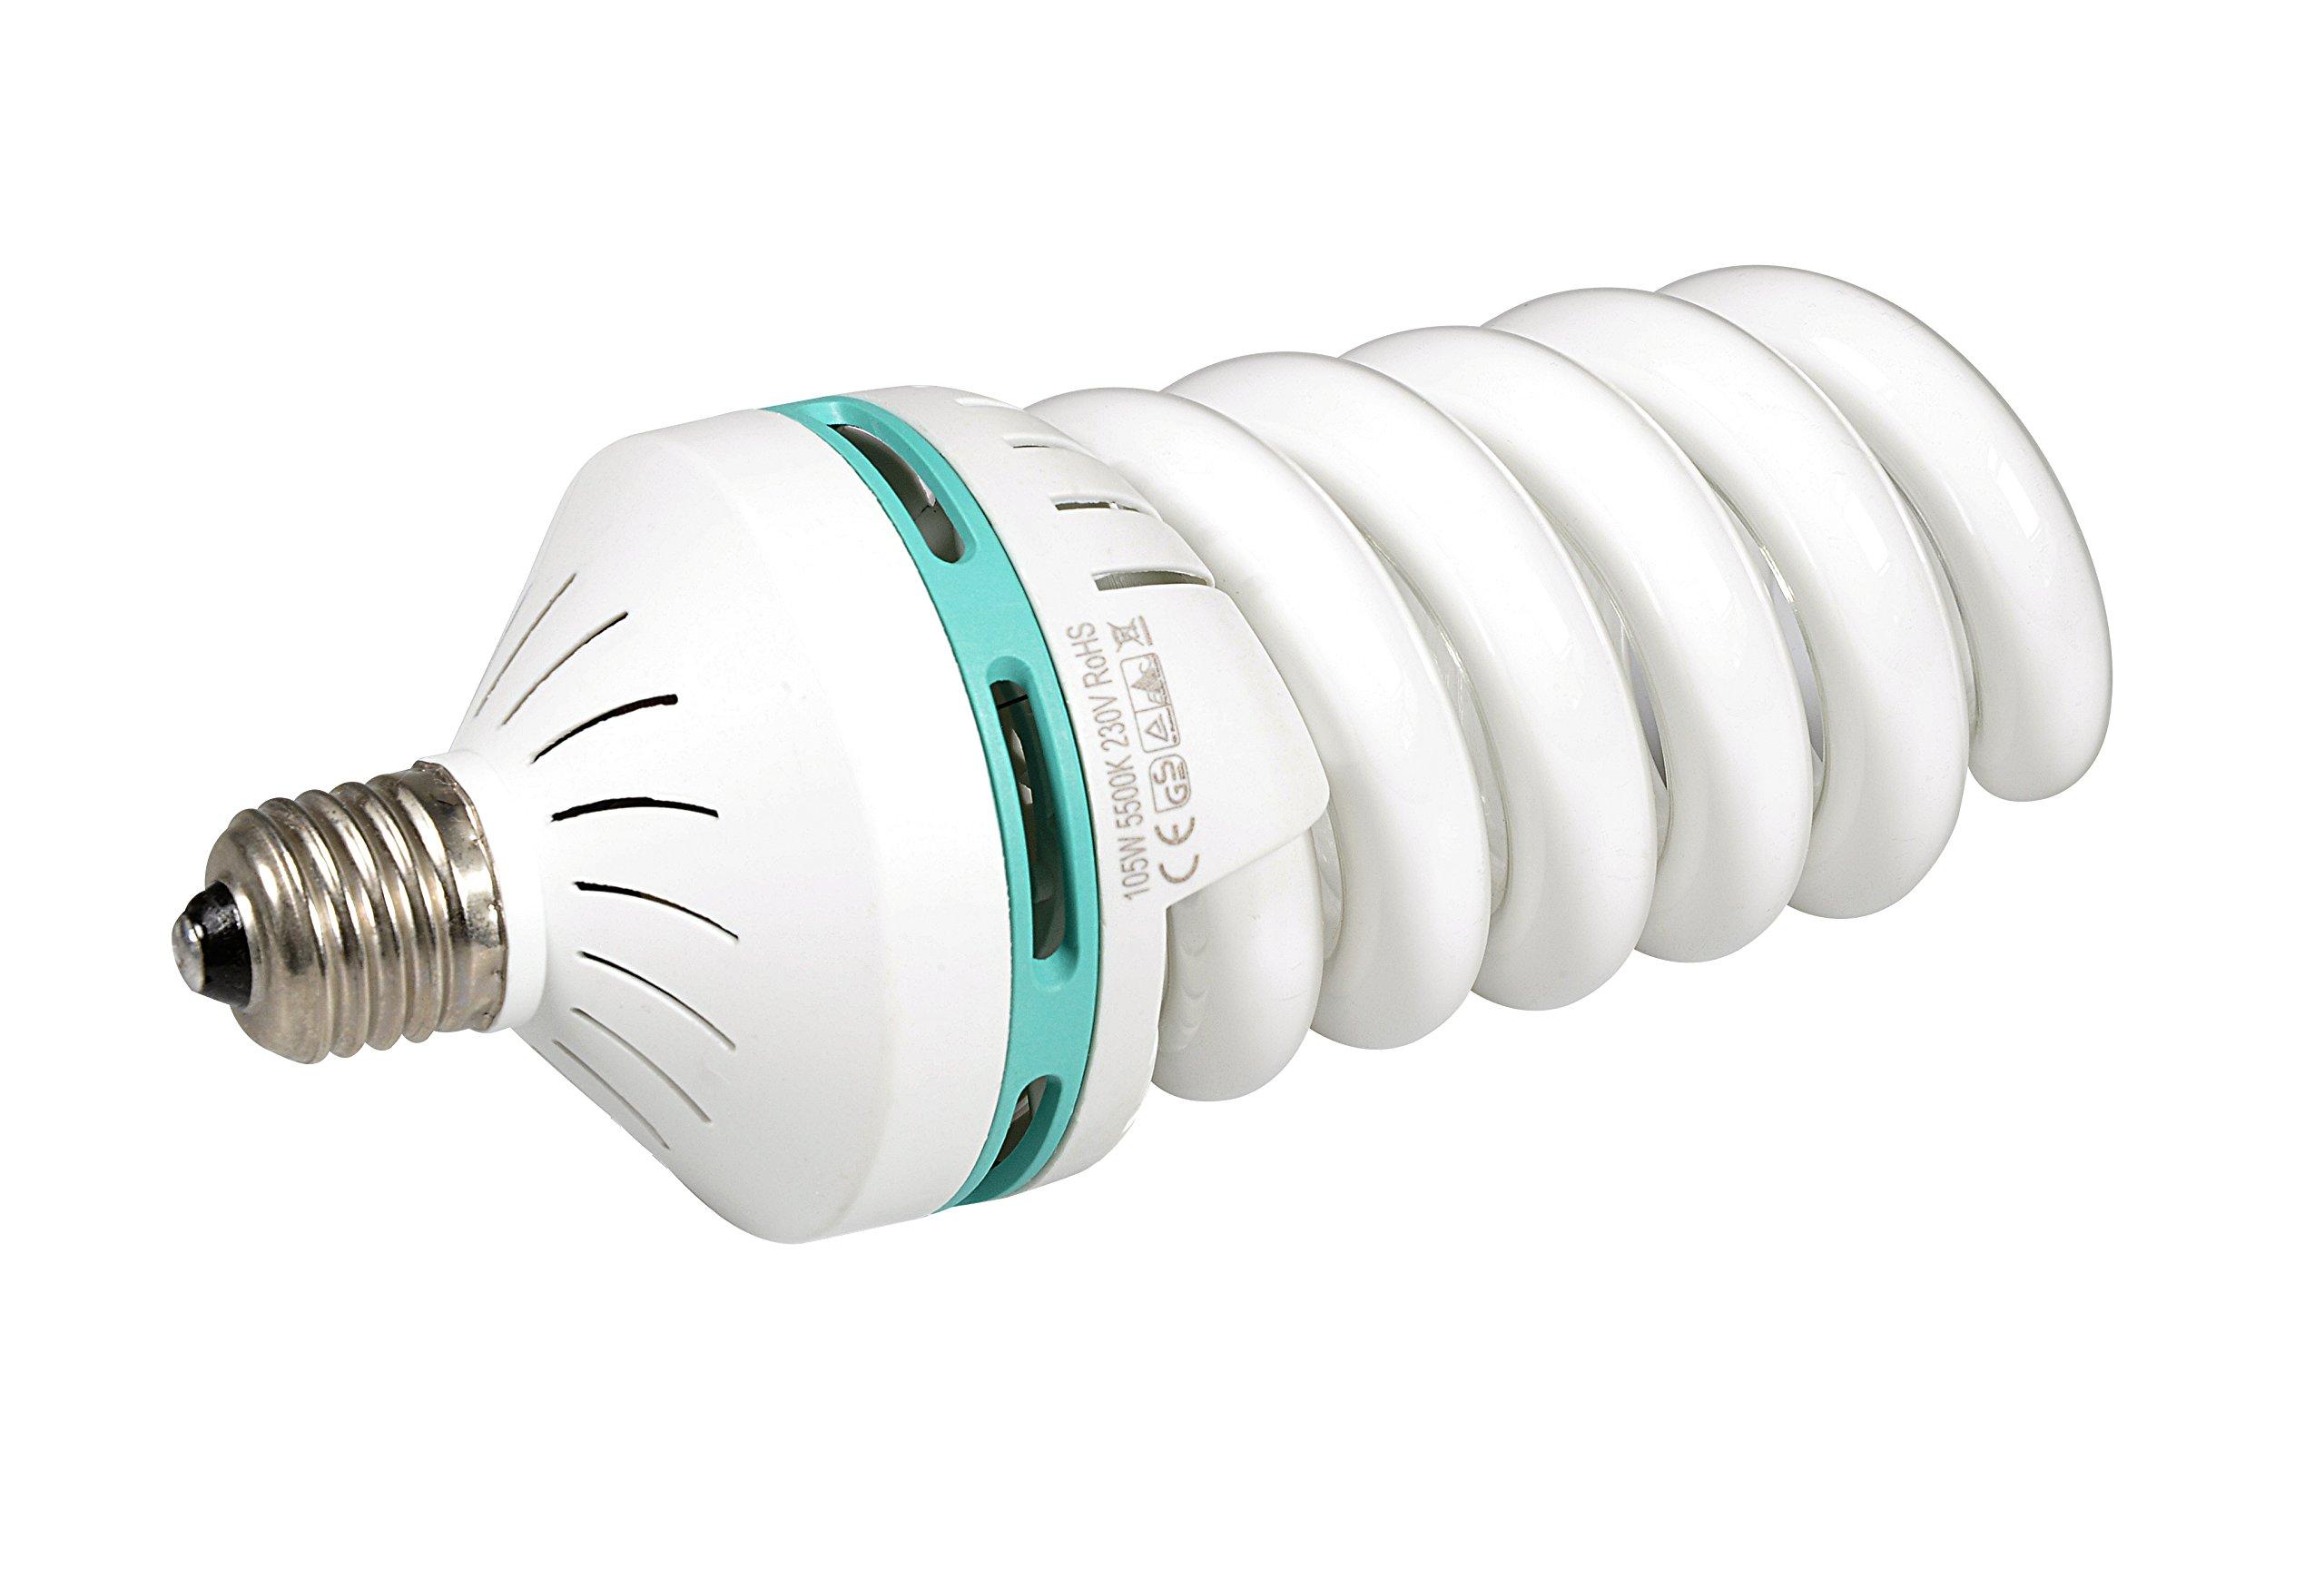 Bresser F000154Spiral Daylight Lamp